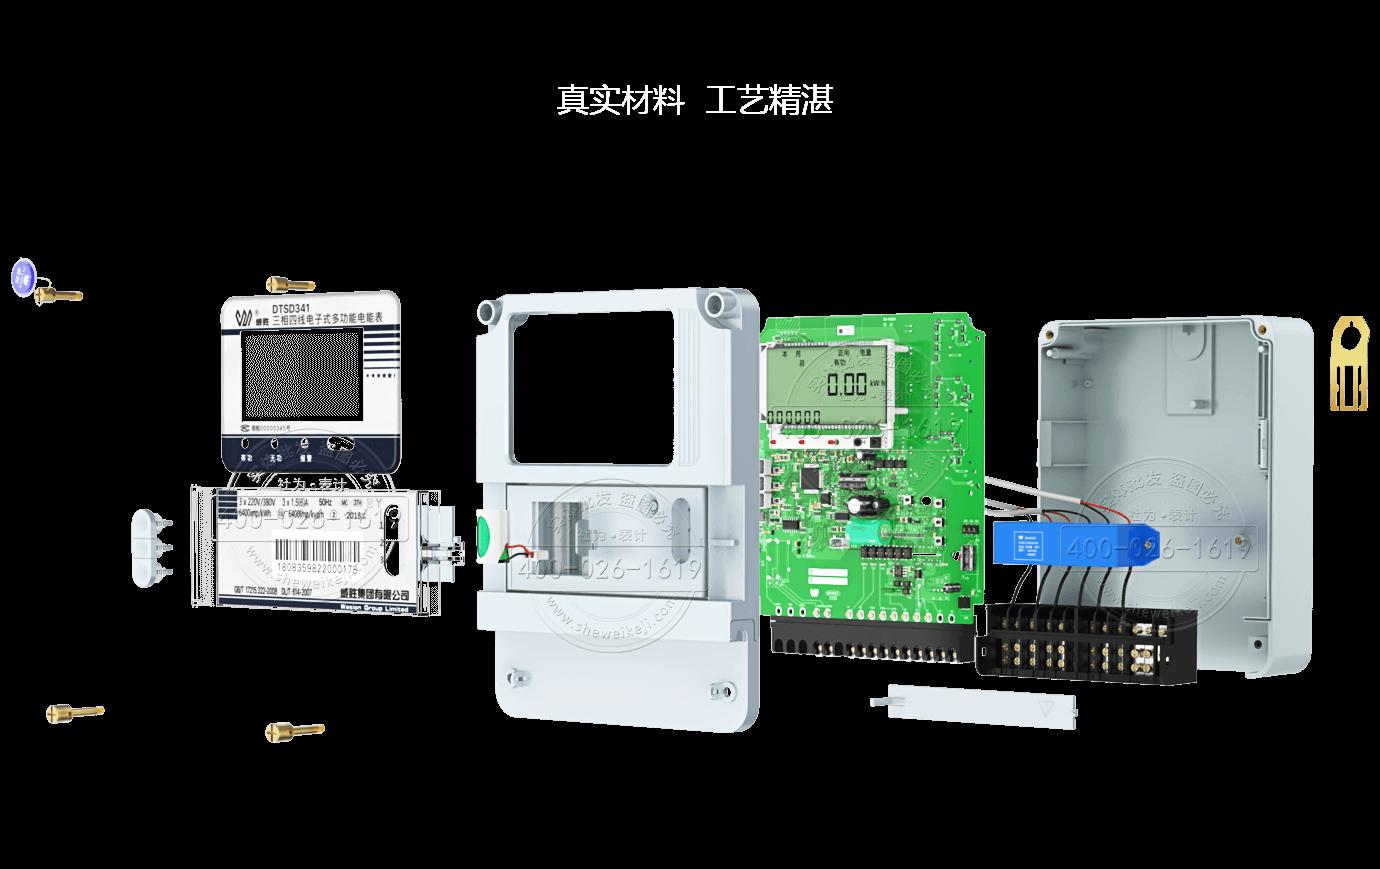 威胜DTSD341-MC3工艺图